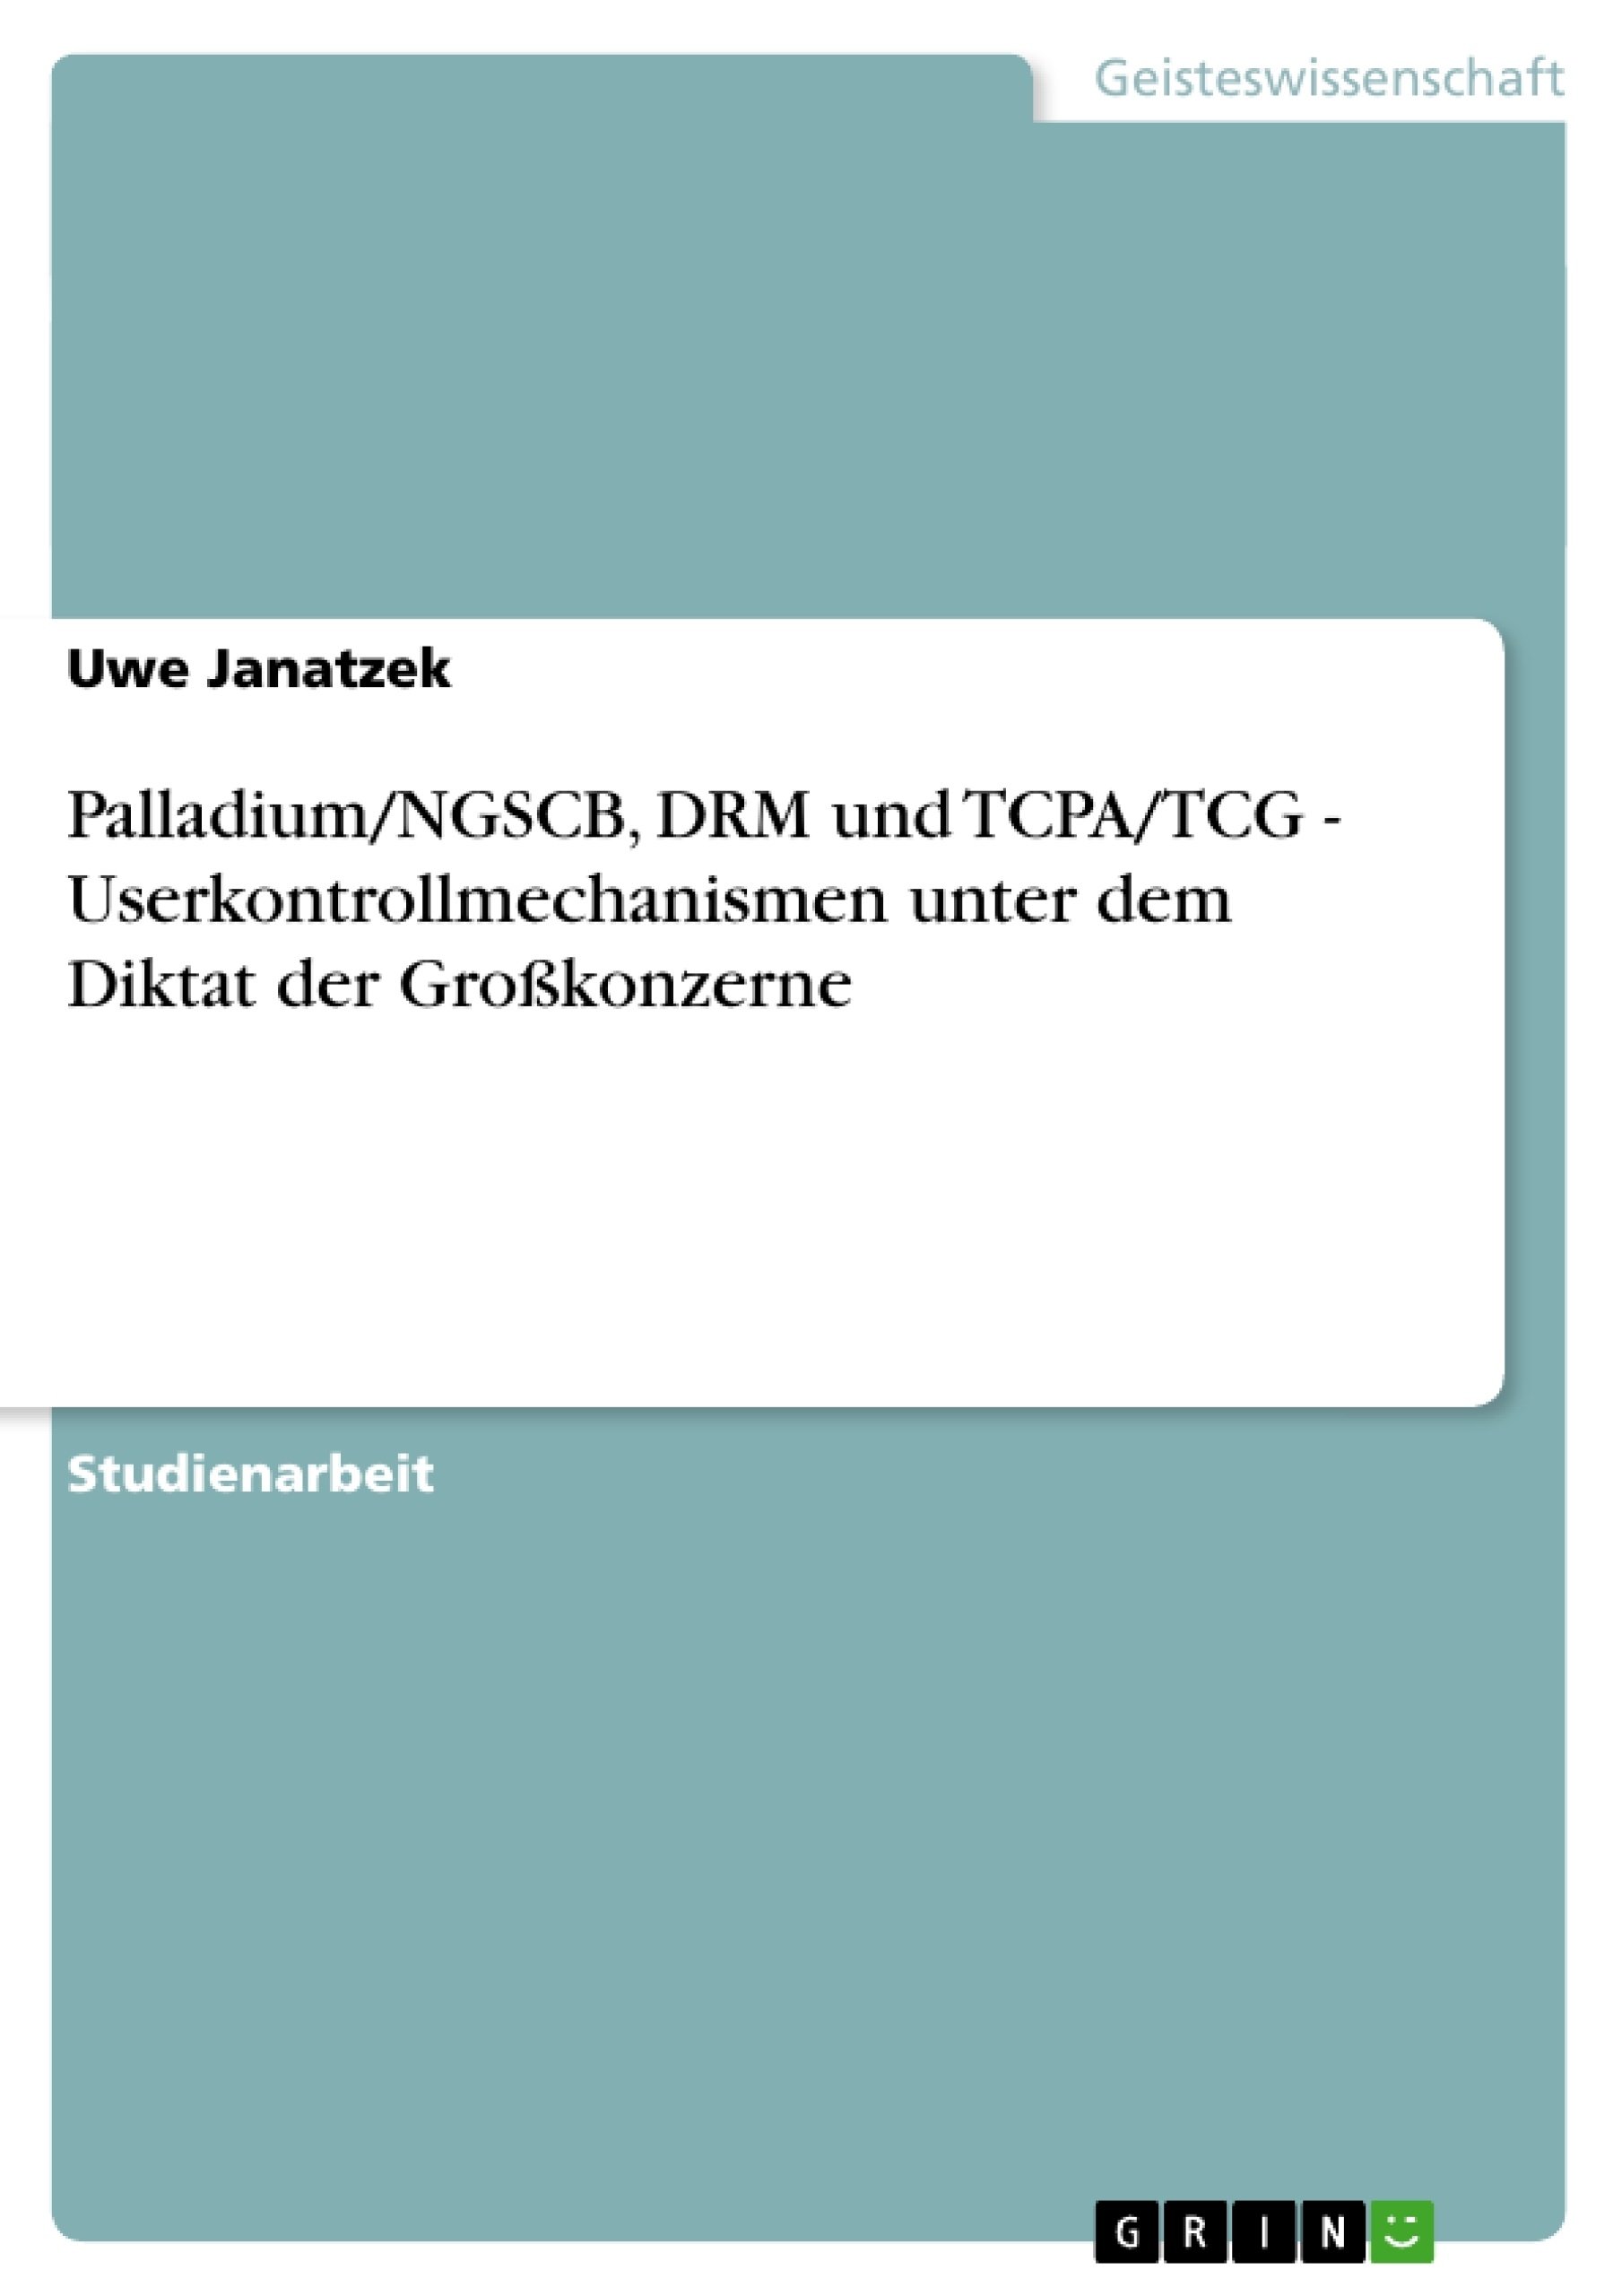 Titel: Palladium/NGSCB, DRM und TCPA/TCG - Userkontrollmechanismen unter dem Diktat der Großkonzerne